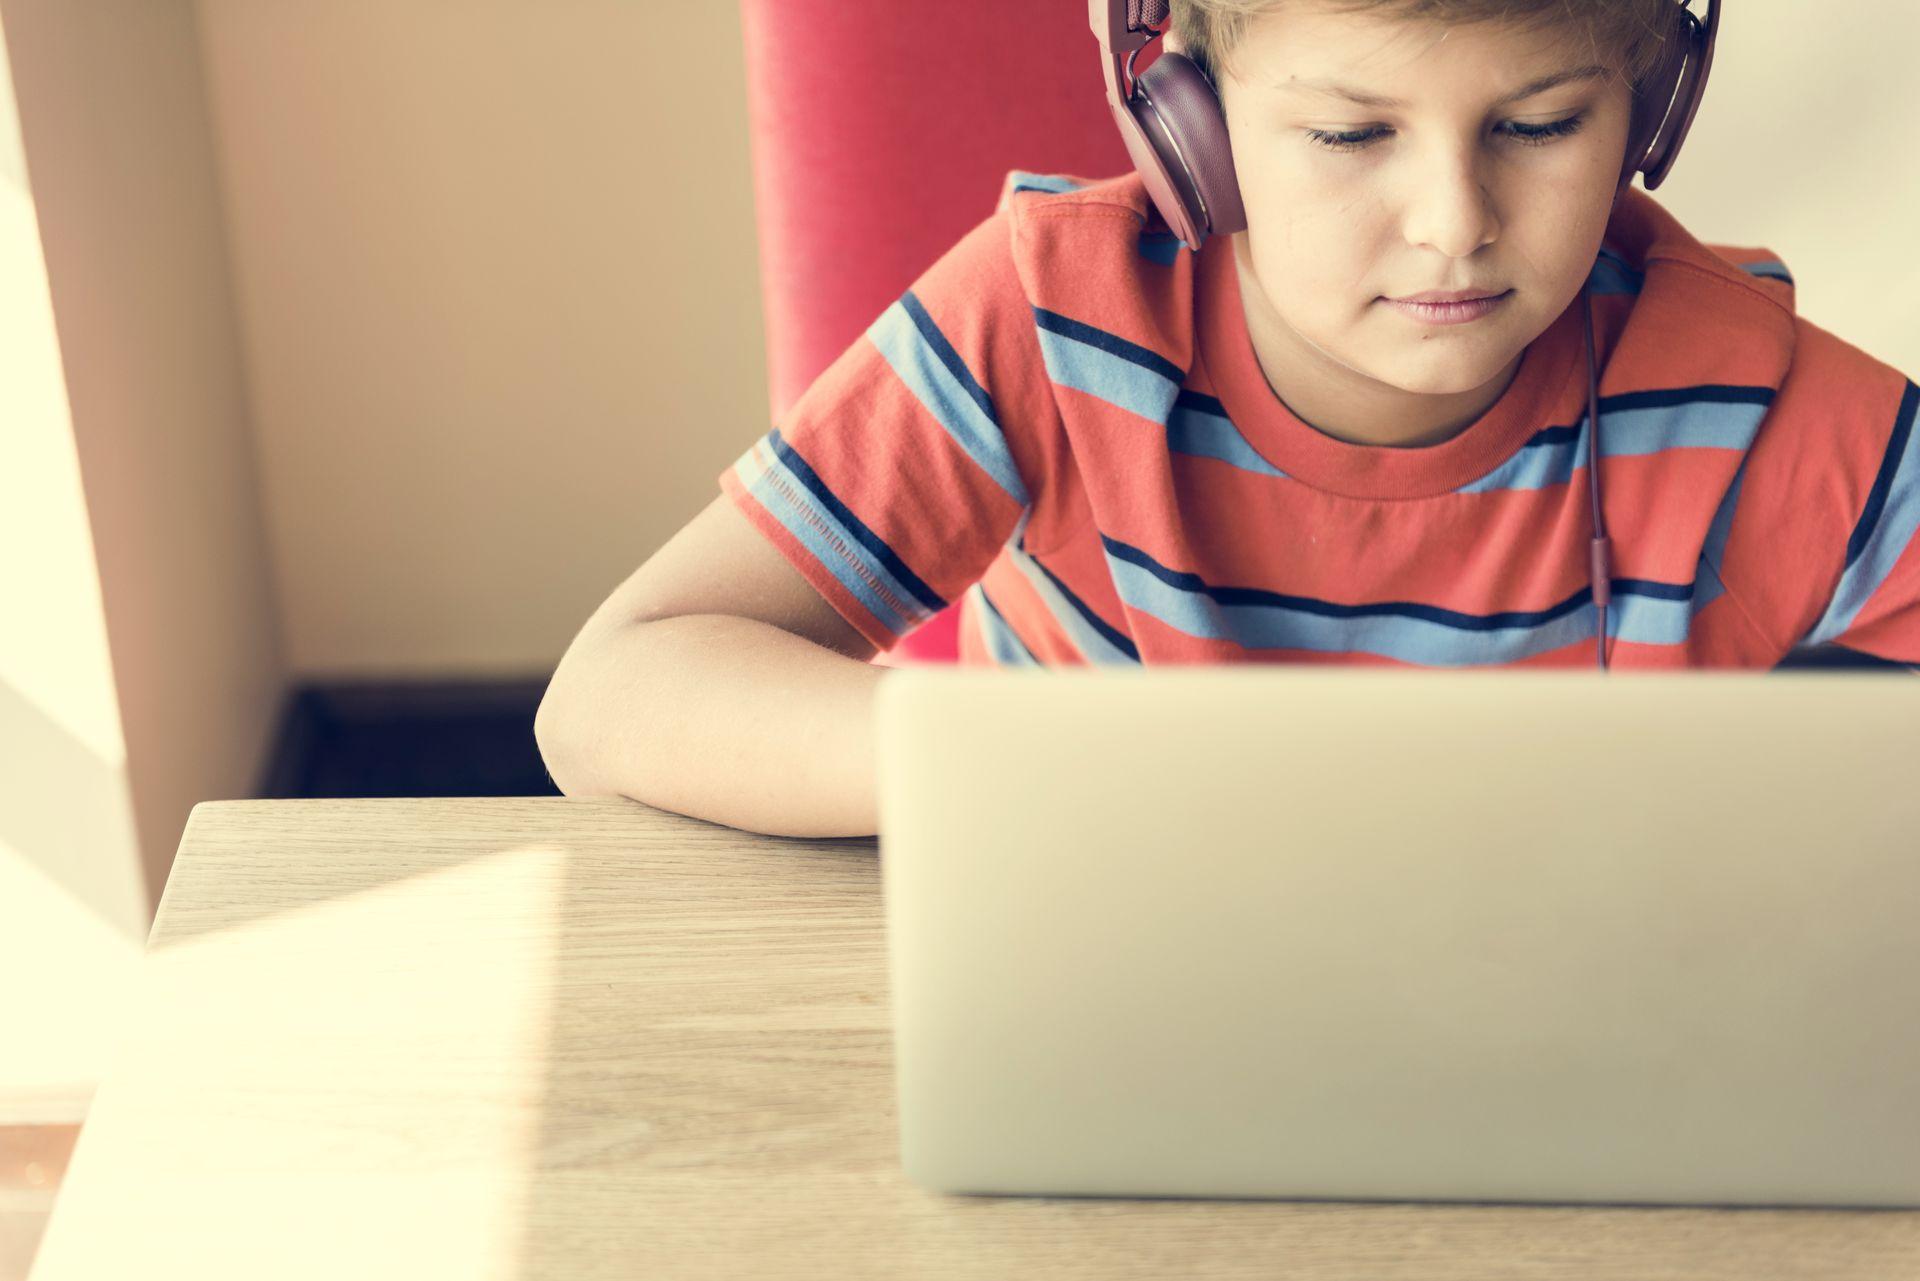 российских школьников предложили обучать безопасному поведению в соцсетях